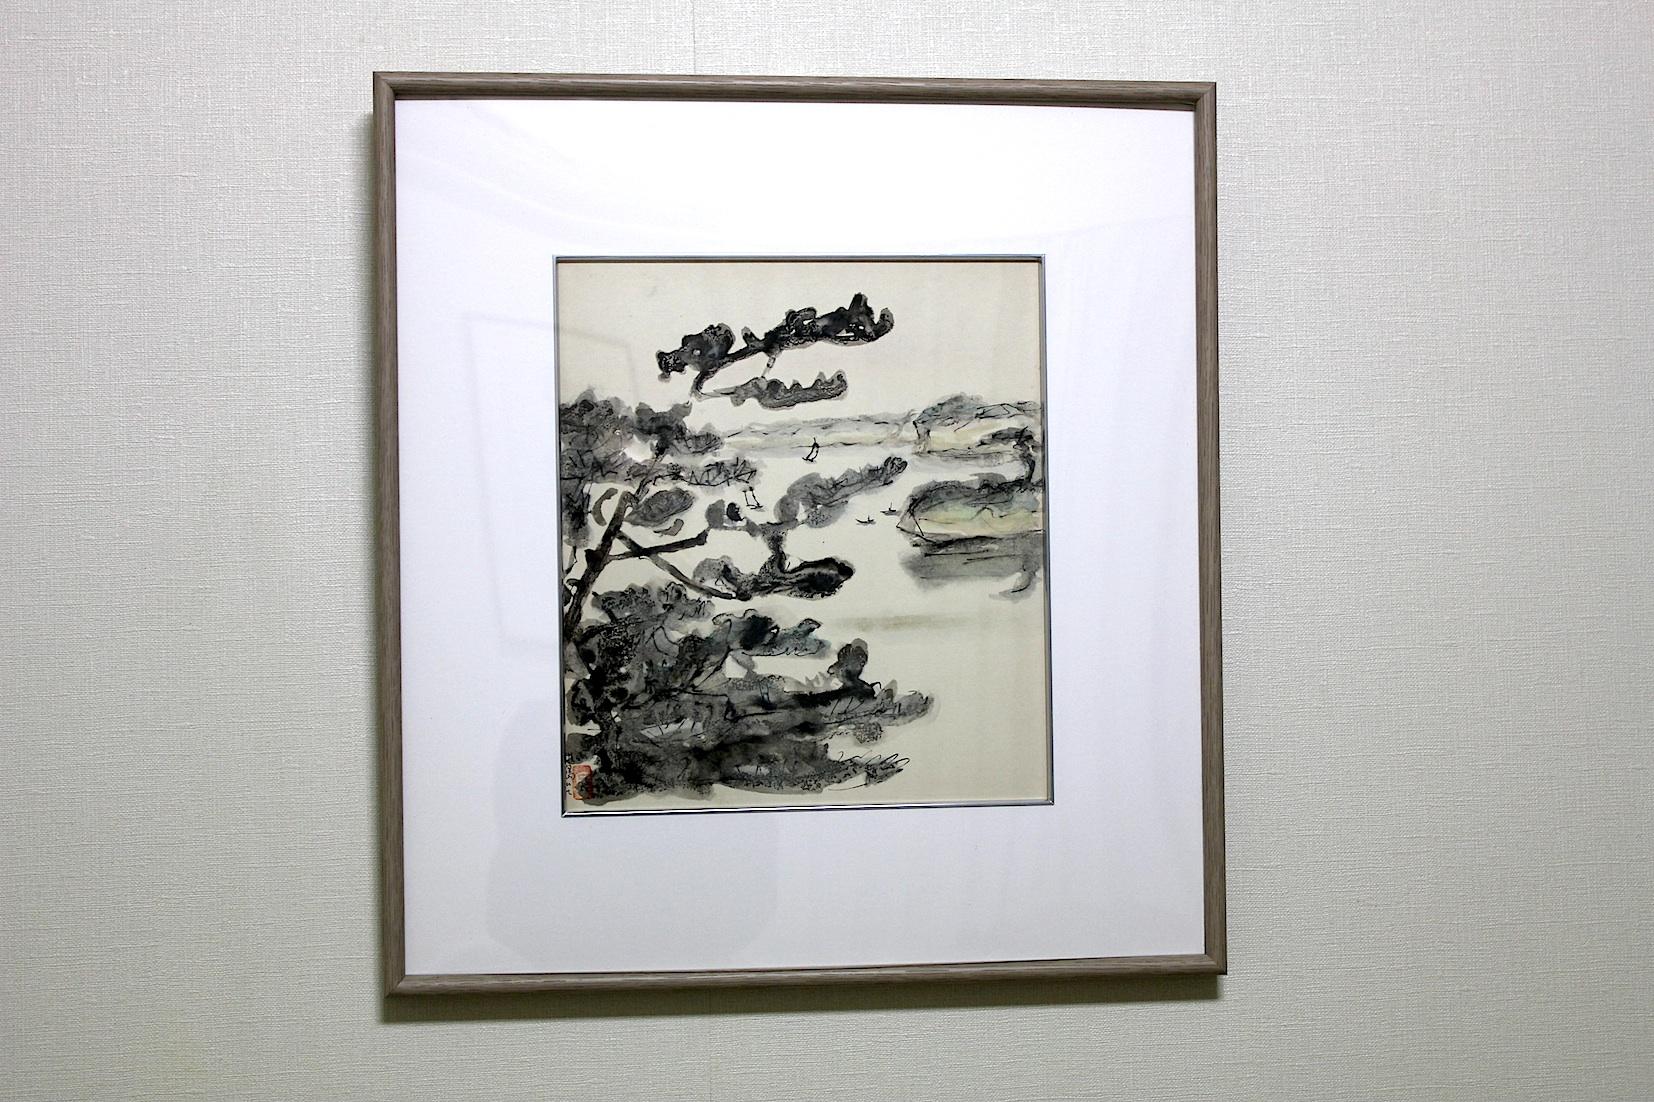 高山辰雄  雄島にて 墨、ペン、色紙